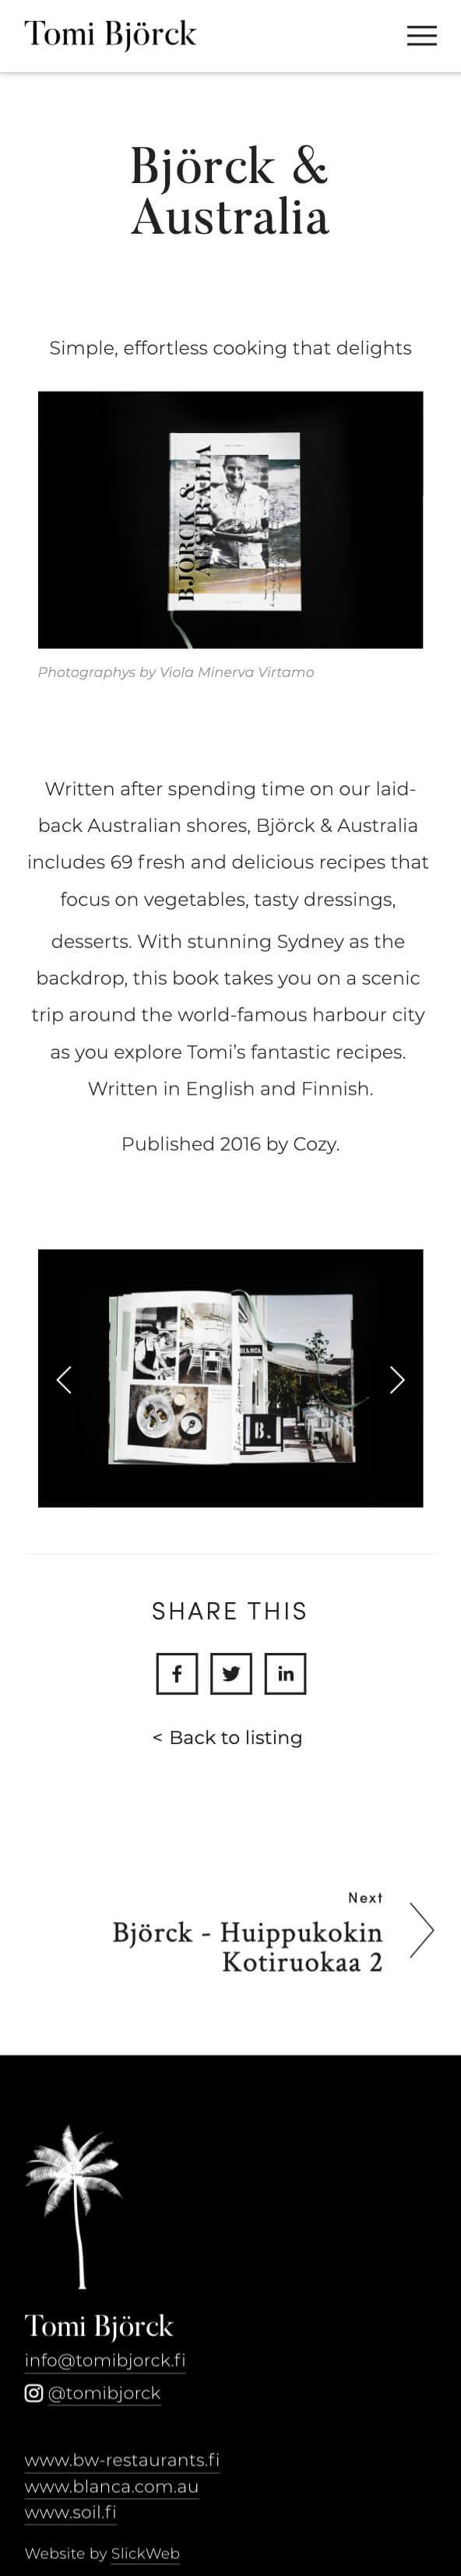 Tomi_Bjorck_Book_Mobile.jpg